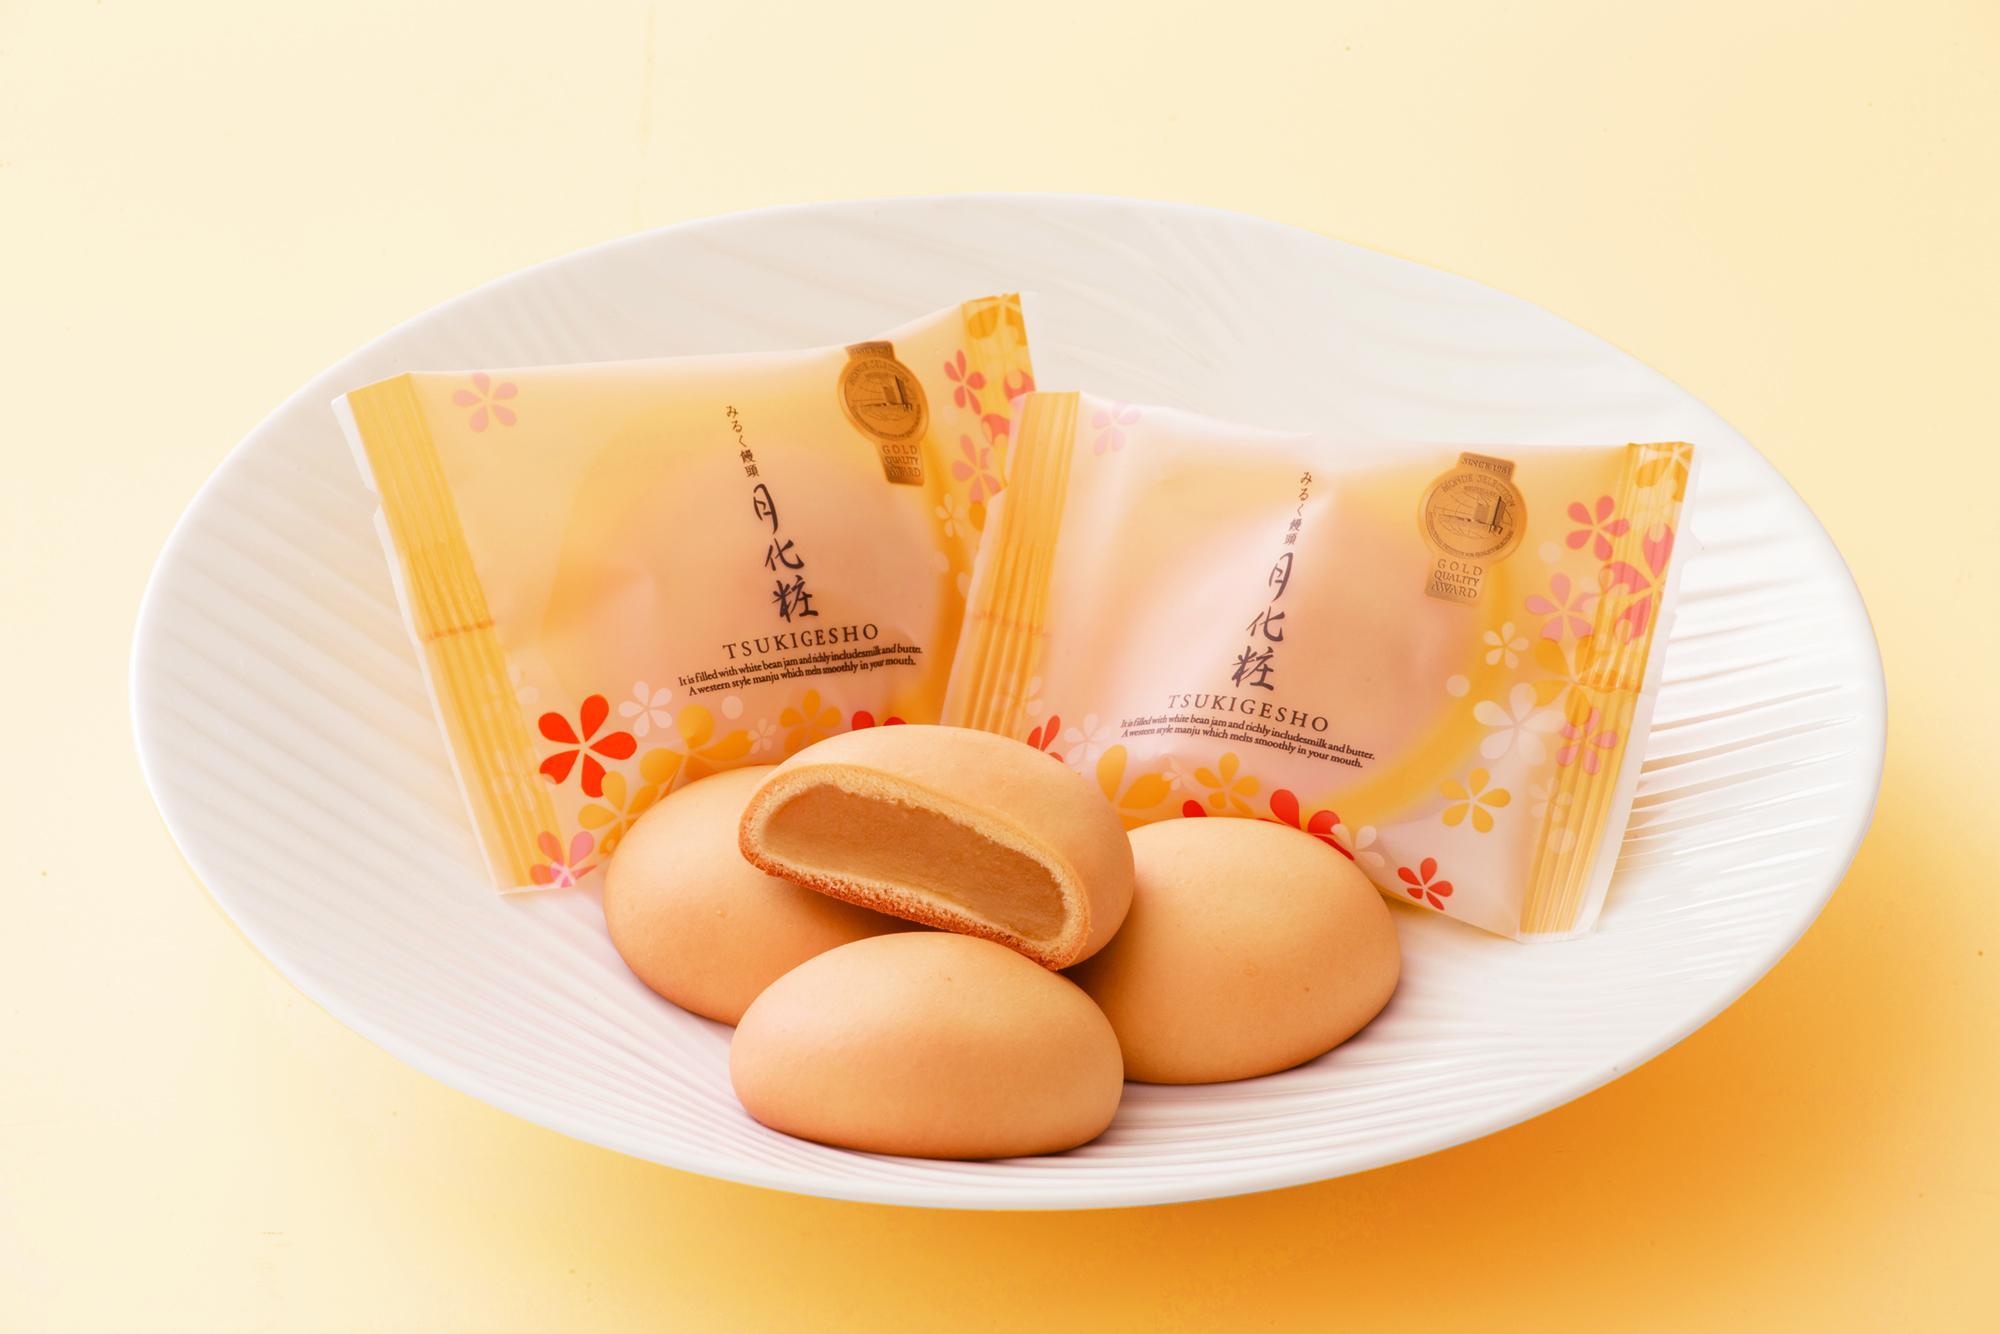 JR新大阪駅で人気のおすすめお土産5選! 年間販売個数1400万個を突破した饅頭「月化粧」や、『瓢月堂』『551蓬莱』などの愛されブランドがずらり_5